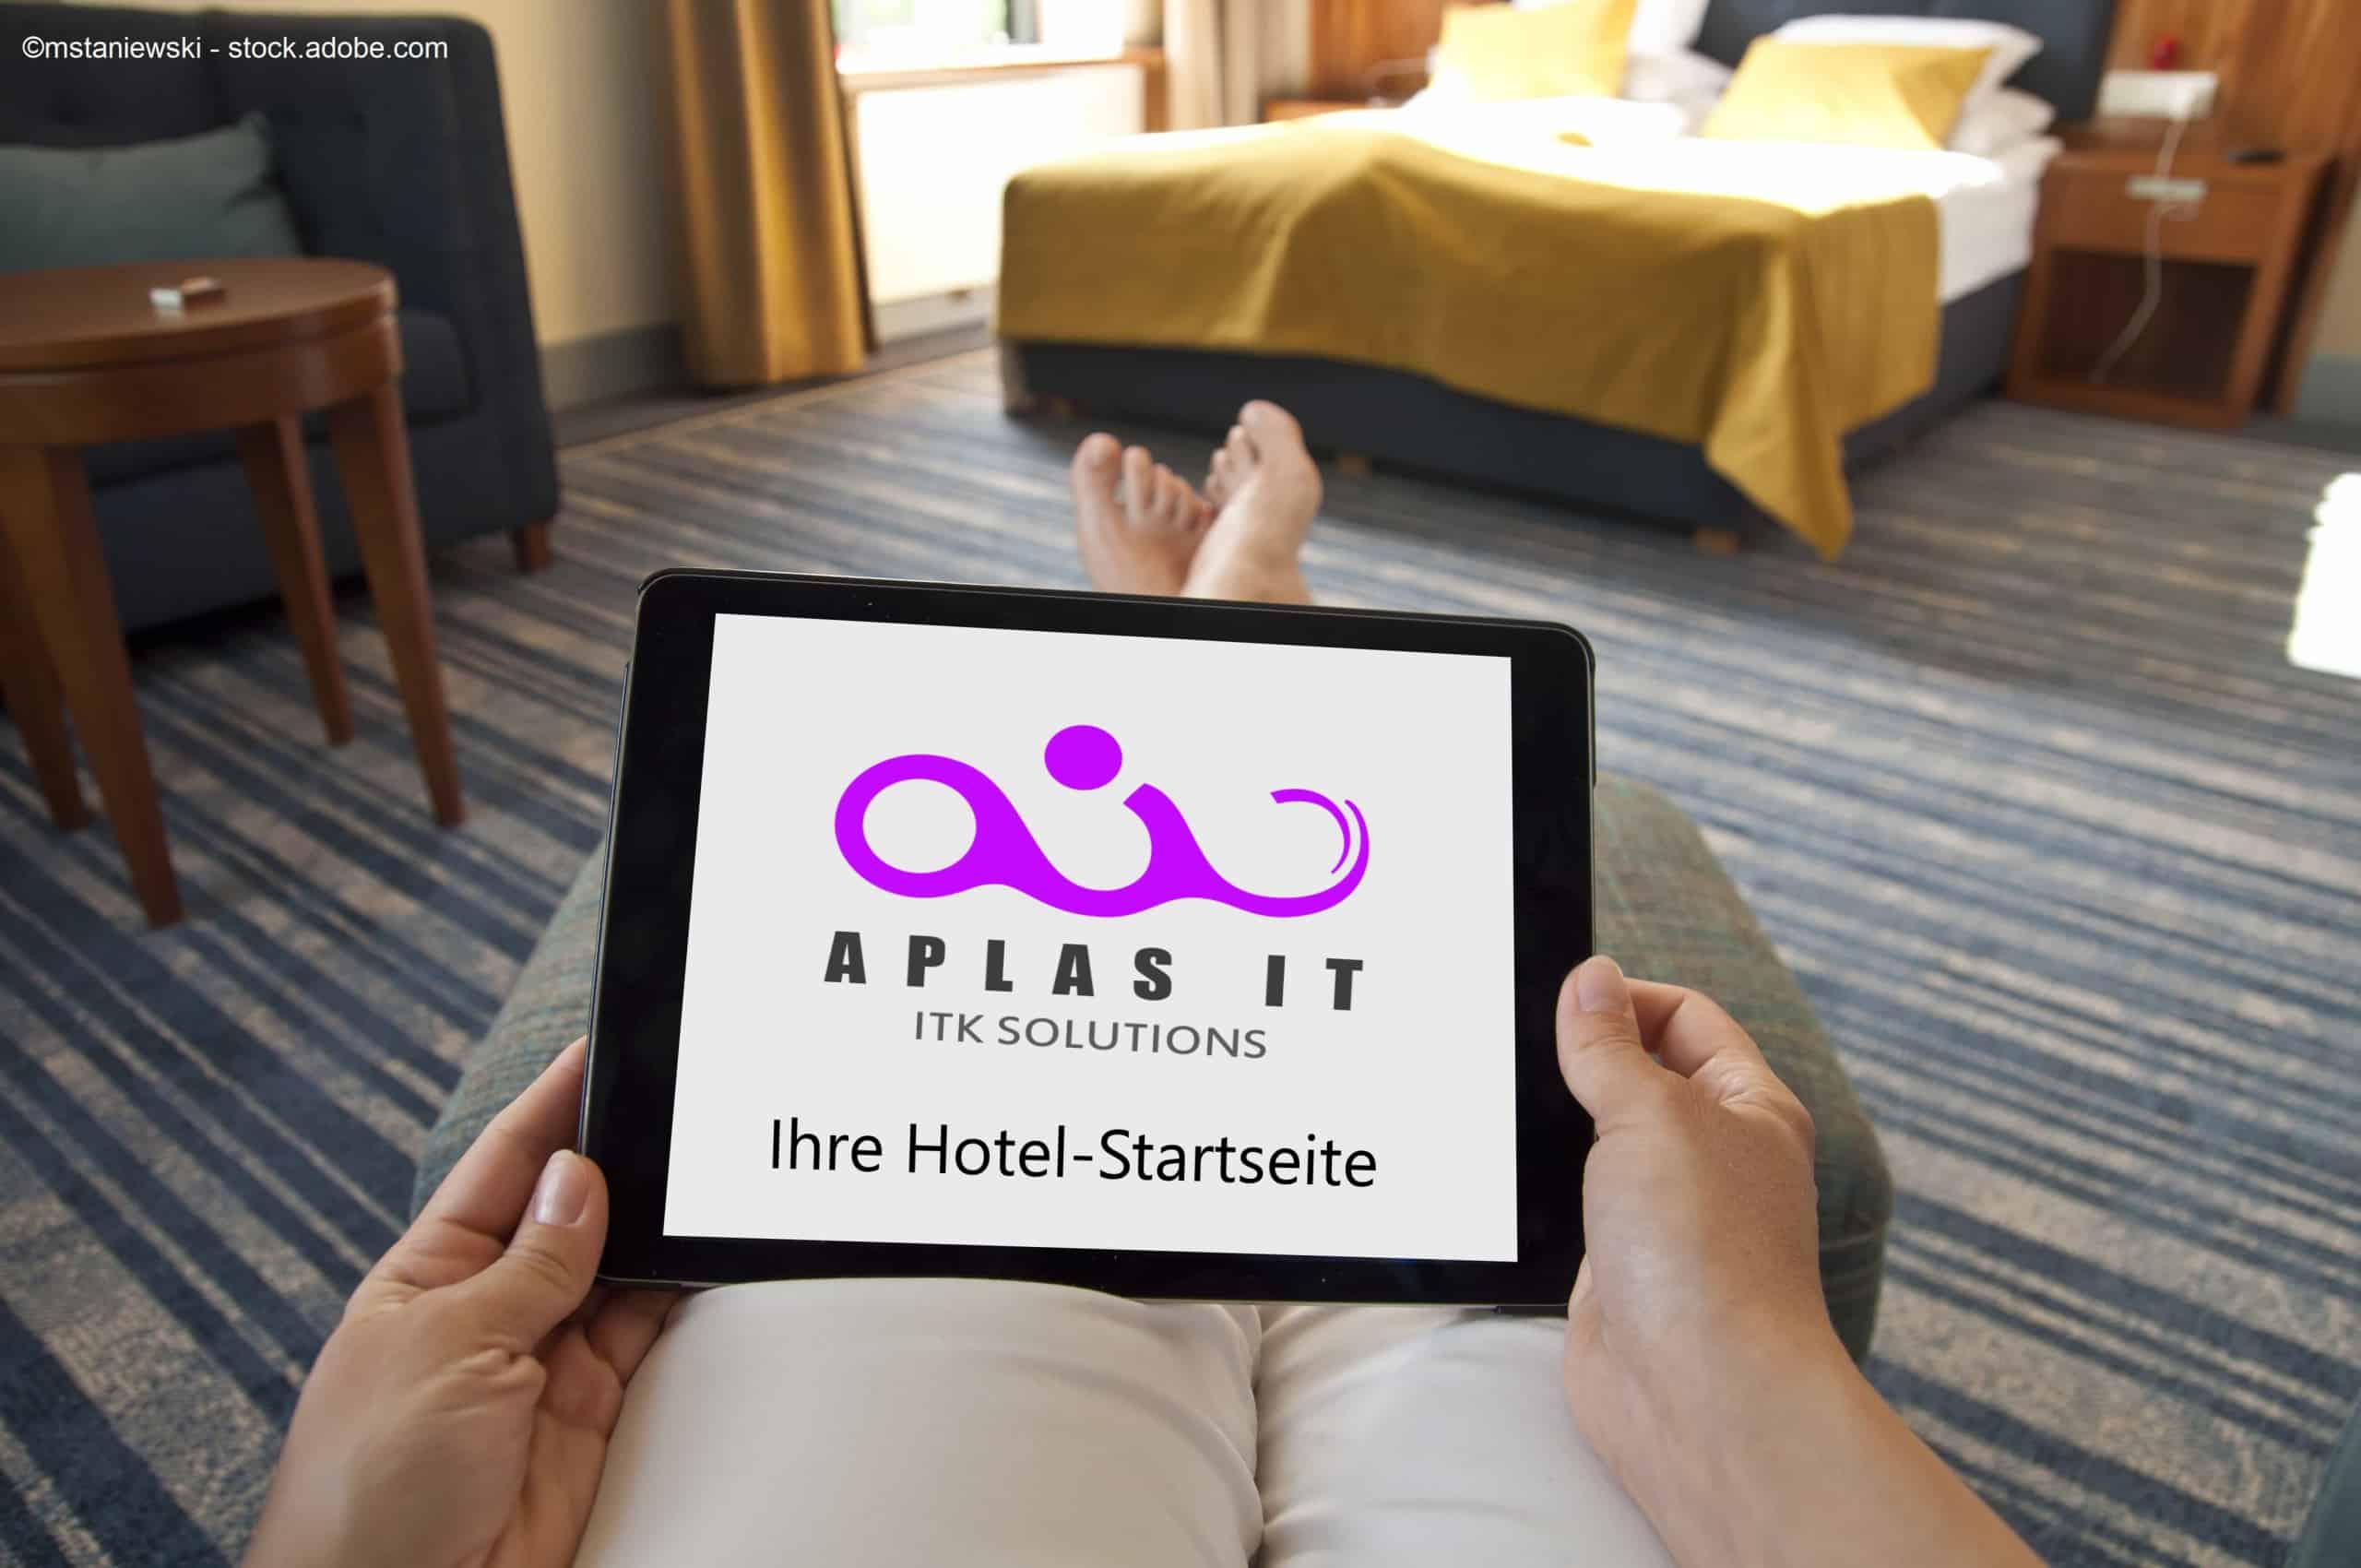 aplasit.wlan.hotspot.digitale Gästemappe Startseite Hotelzimmer